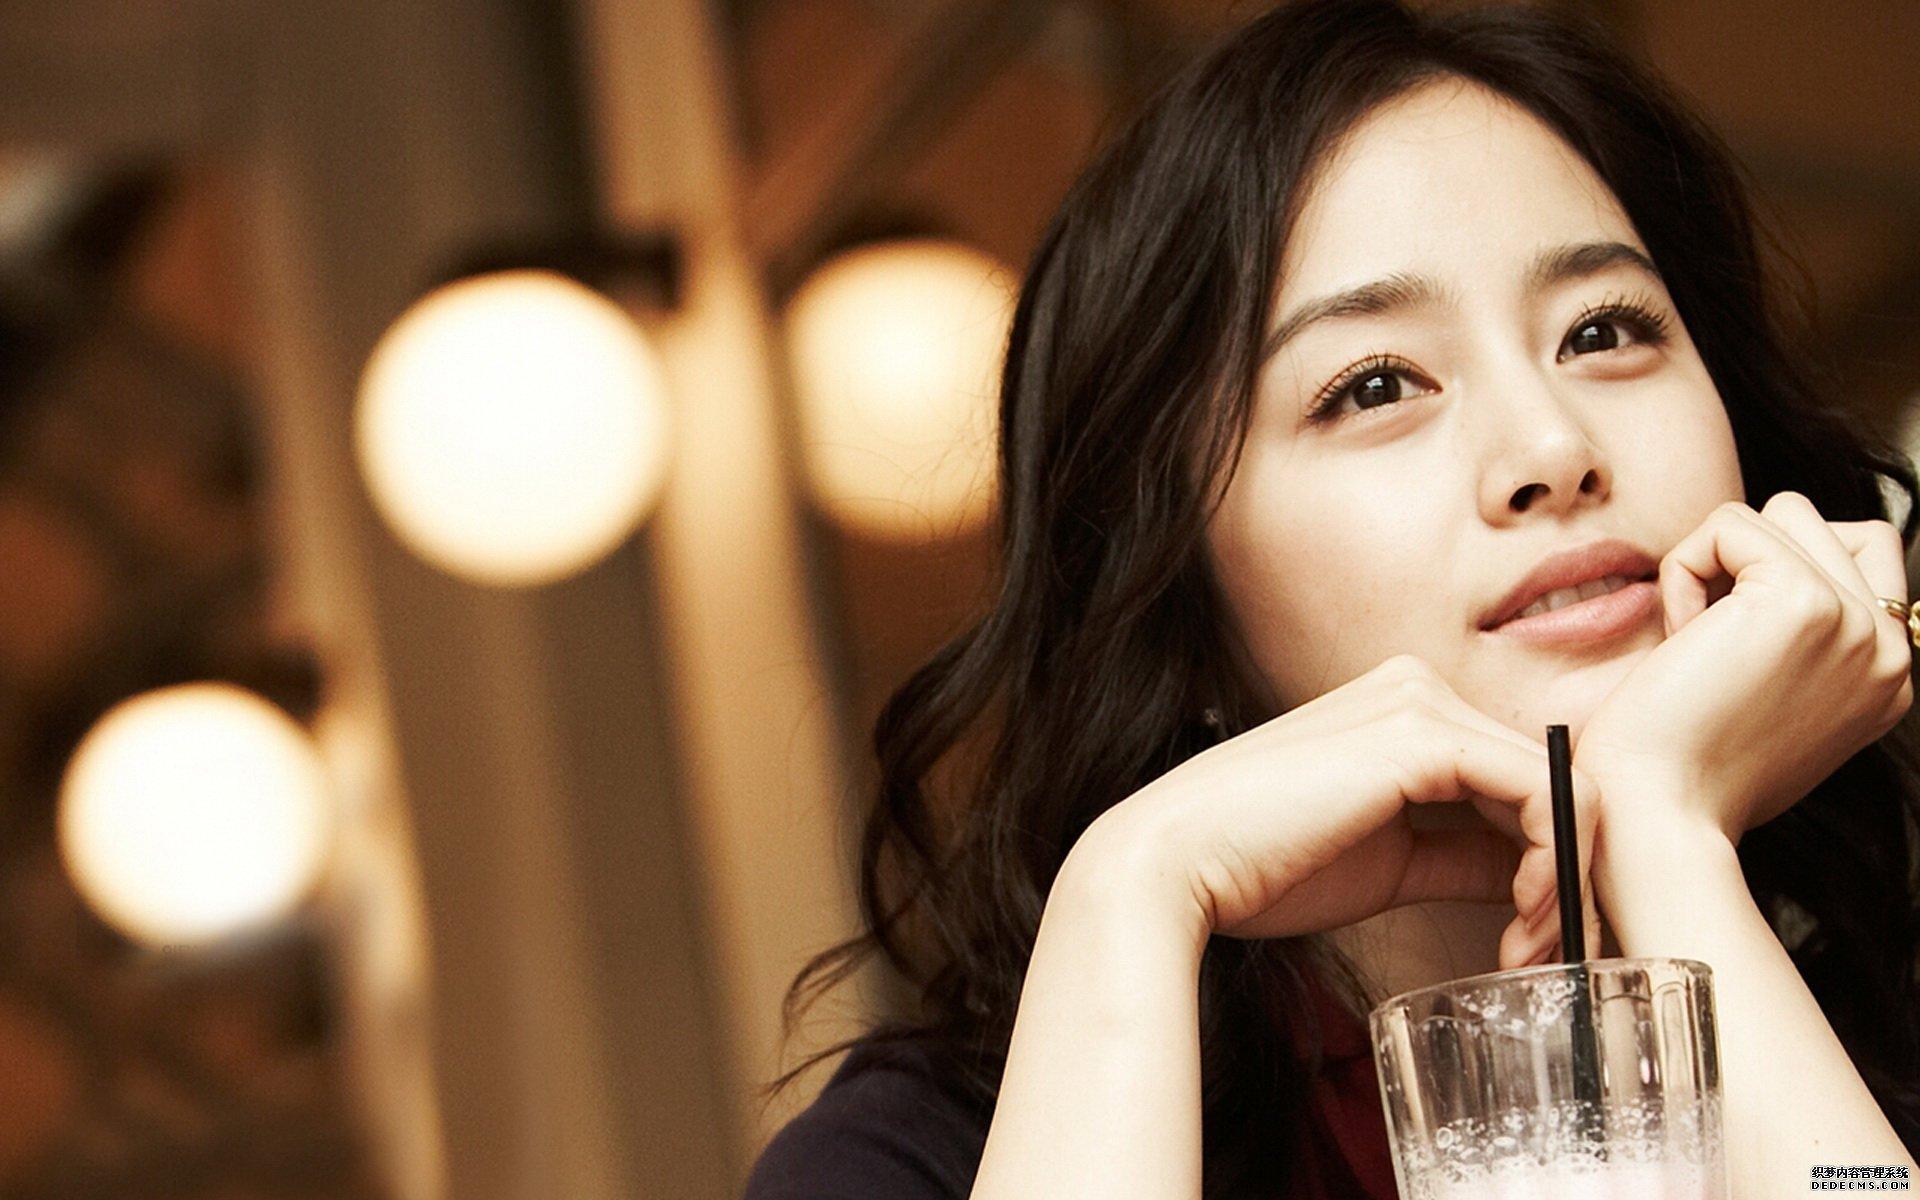 """韩国美女一直备受关注,韩国向来以盛产美女著称,也总是走在时尚的最前沿,先不管他们脸蛋到底是天生丽质还是后天整容,关于谁是韩国最美的女星大家也似乎从来没有停止过讨论。那么你心目中的韩国最美女星是谁呢?让我们一起来看一看吧! 韩国最美女星排行榜top1:金泰熙  金泰熙是韩国最美女星的代表人物。金泰希素来以自然美著称,是韩国最为人知晓和具代表性的天然美女,有""""韩国最美女艺人""""""""第一天然美女""""等美誉。金泰熙继2004年成为第一美女之后,历年票选"""""""